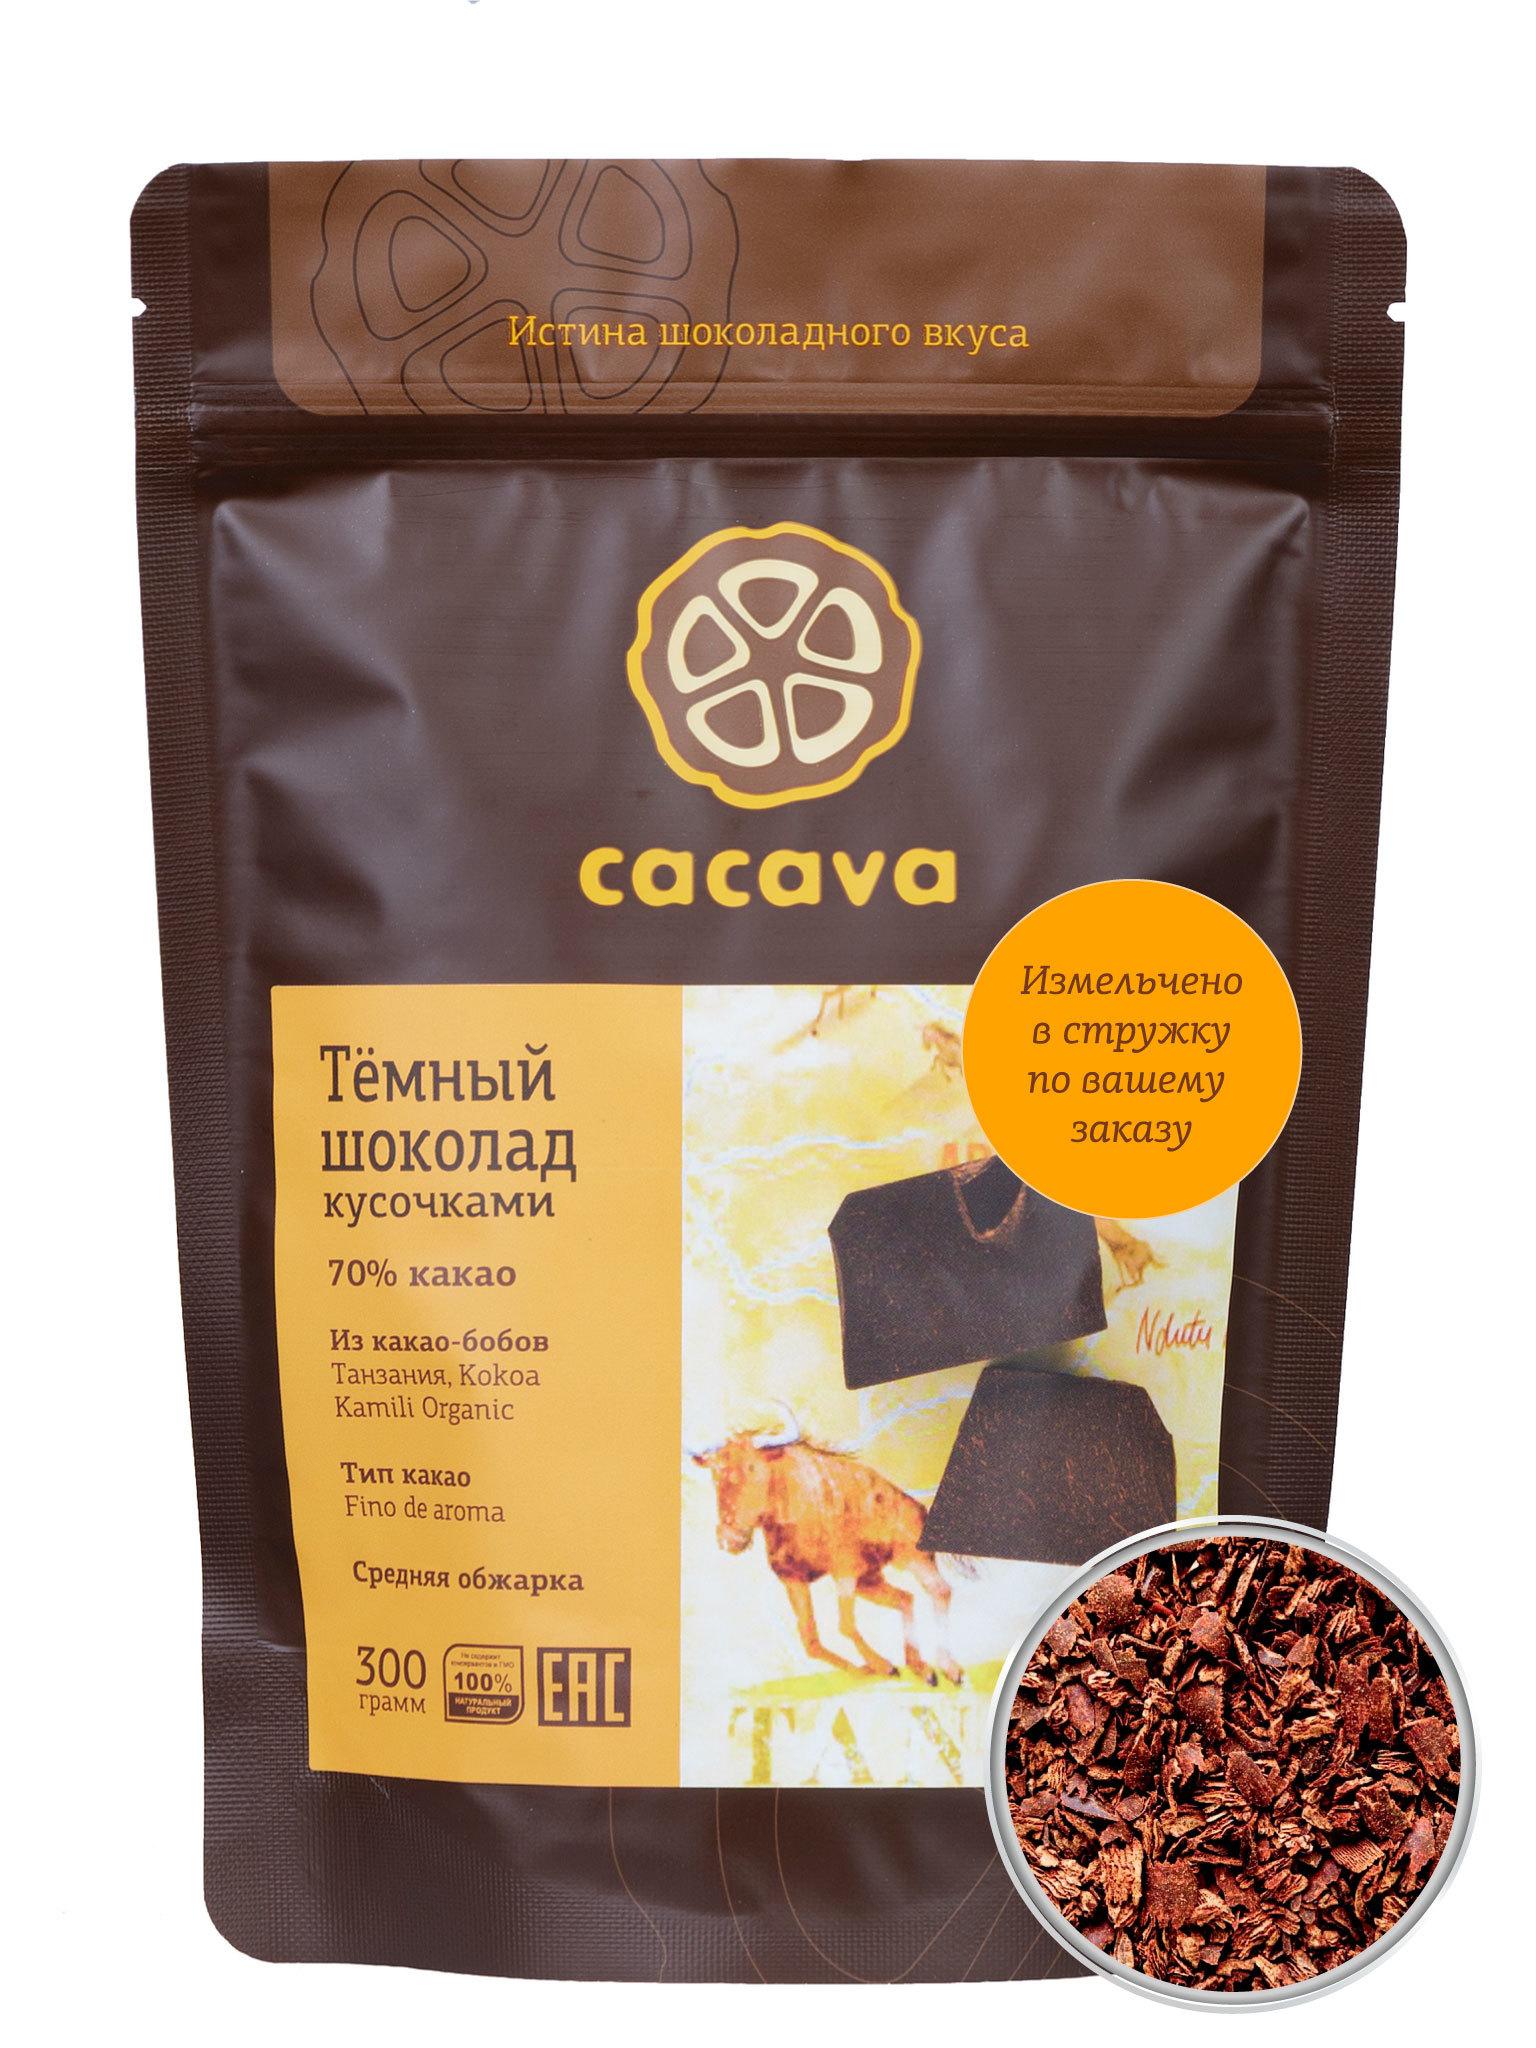 Тёмный шоколад 70 % какао в стружке (Танзания, Kokoa Kamili), упаковка 300 грамм